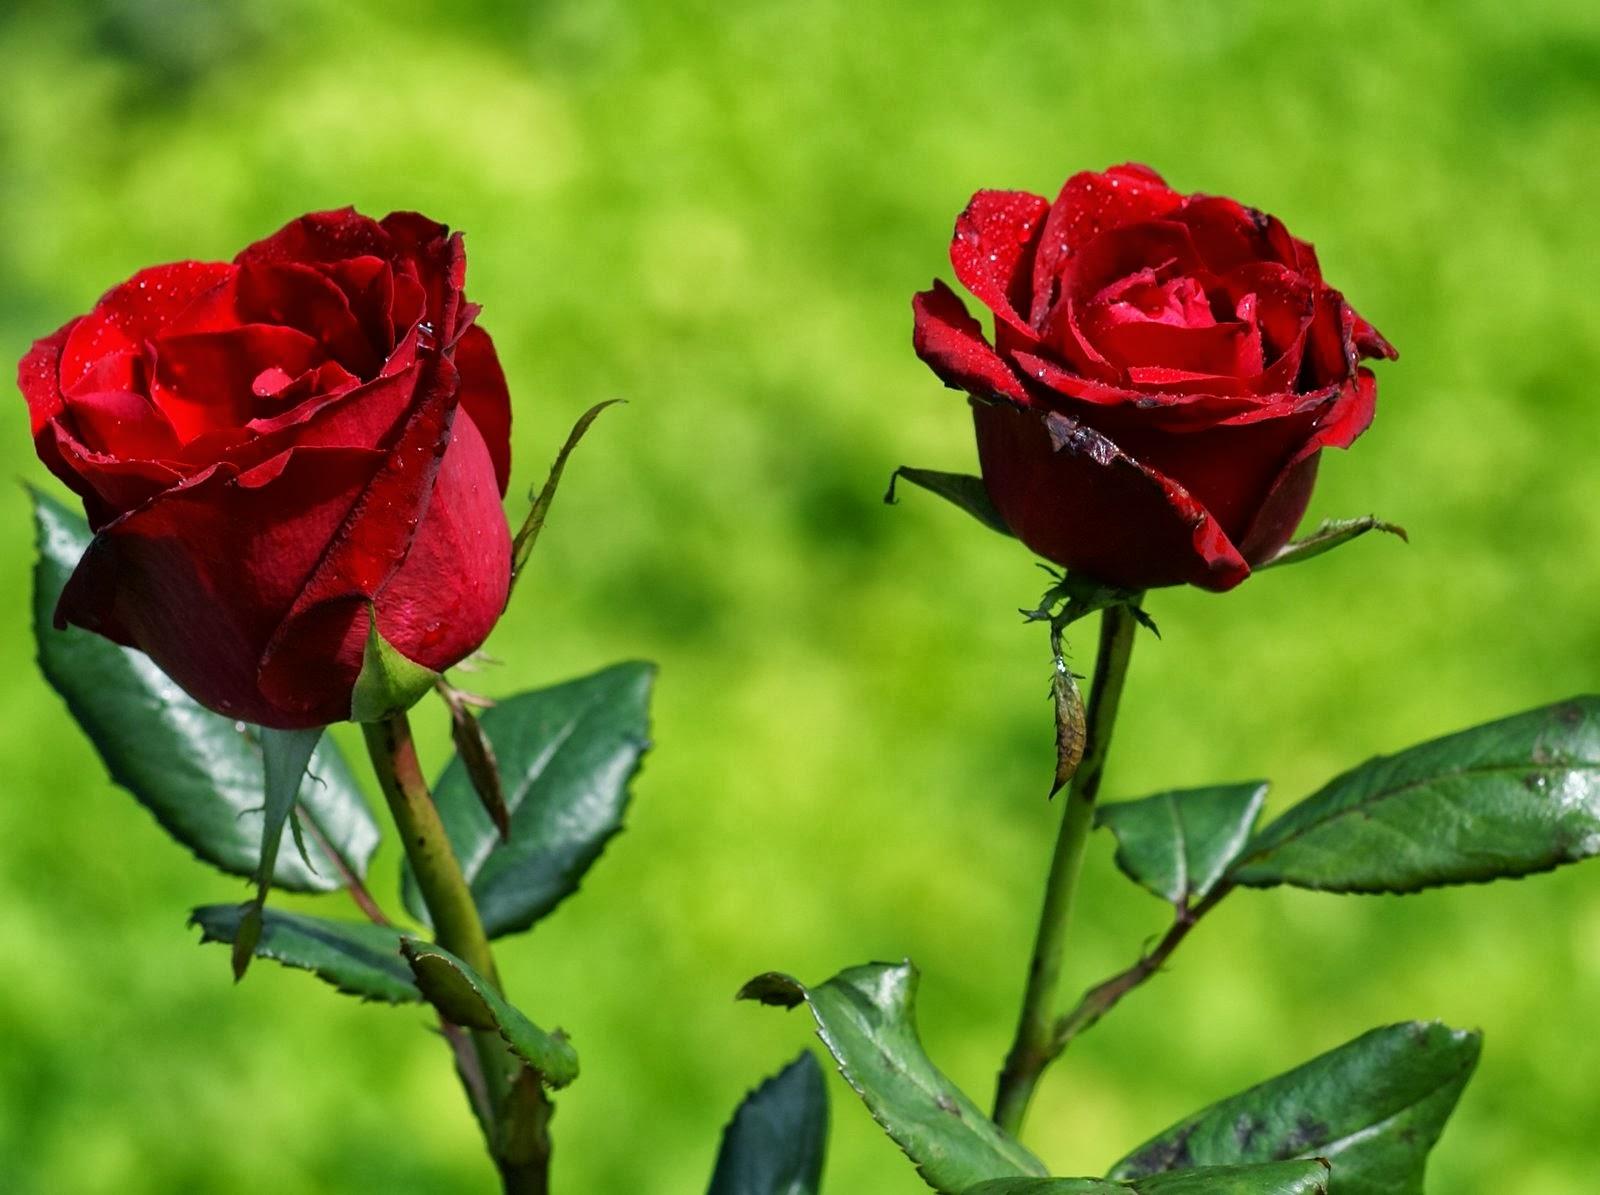 Flowers significado de las rosas seg n su color - Significado rosas amarillas ...